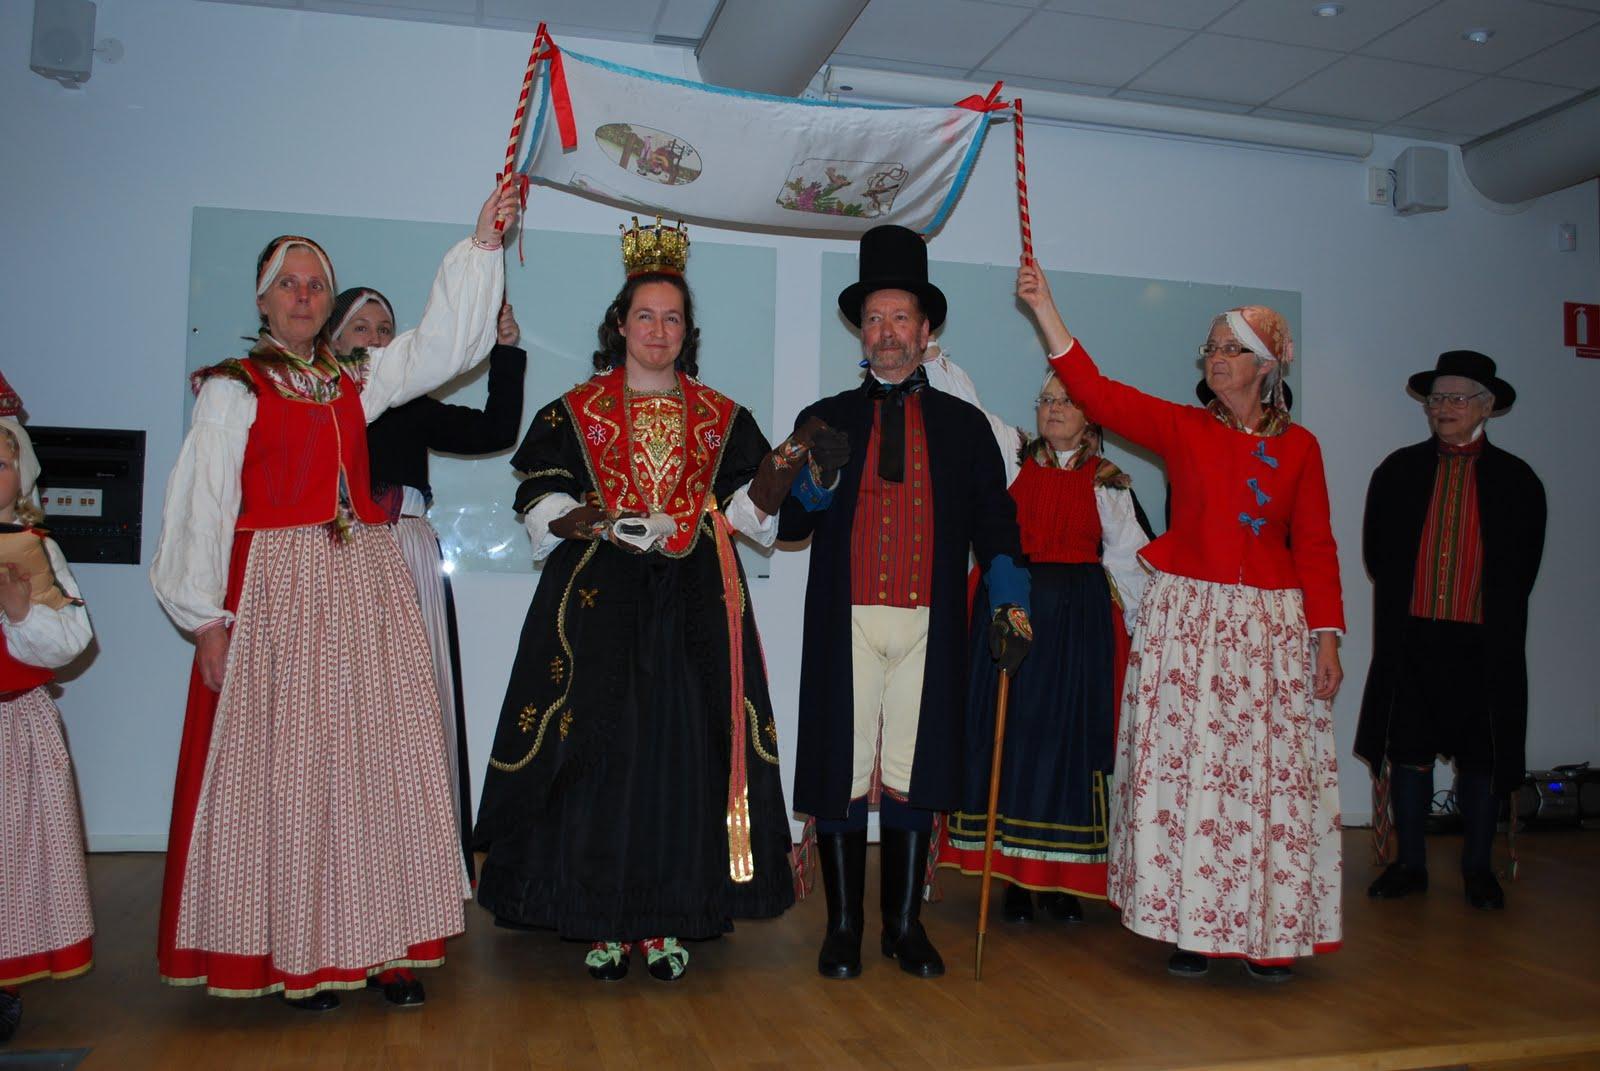 35deb2113dcd Kläder, skor och stil [Arkiv] - Sidan 65 - Kolozzeum Forum - Sveriges  största träningsforum